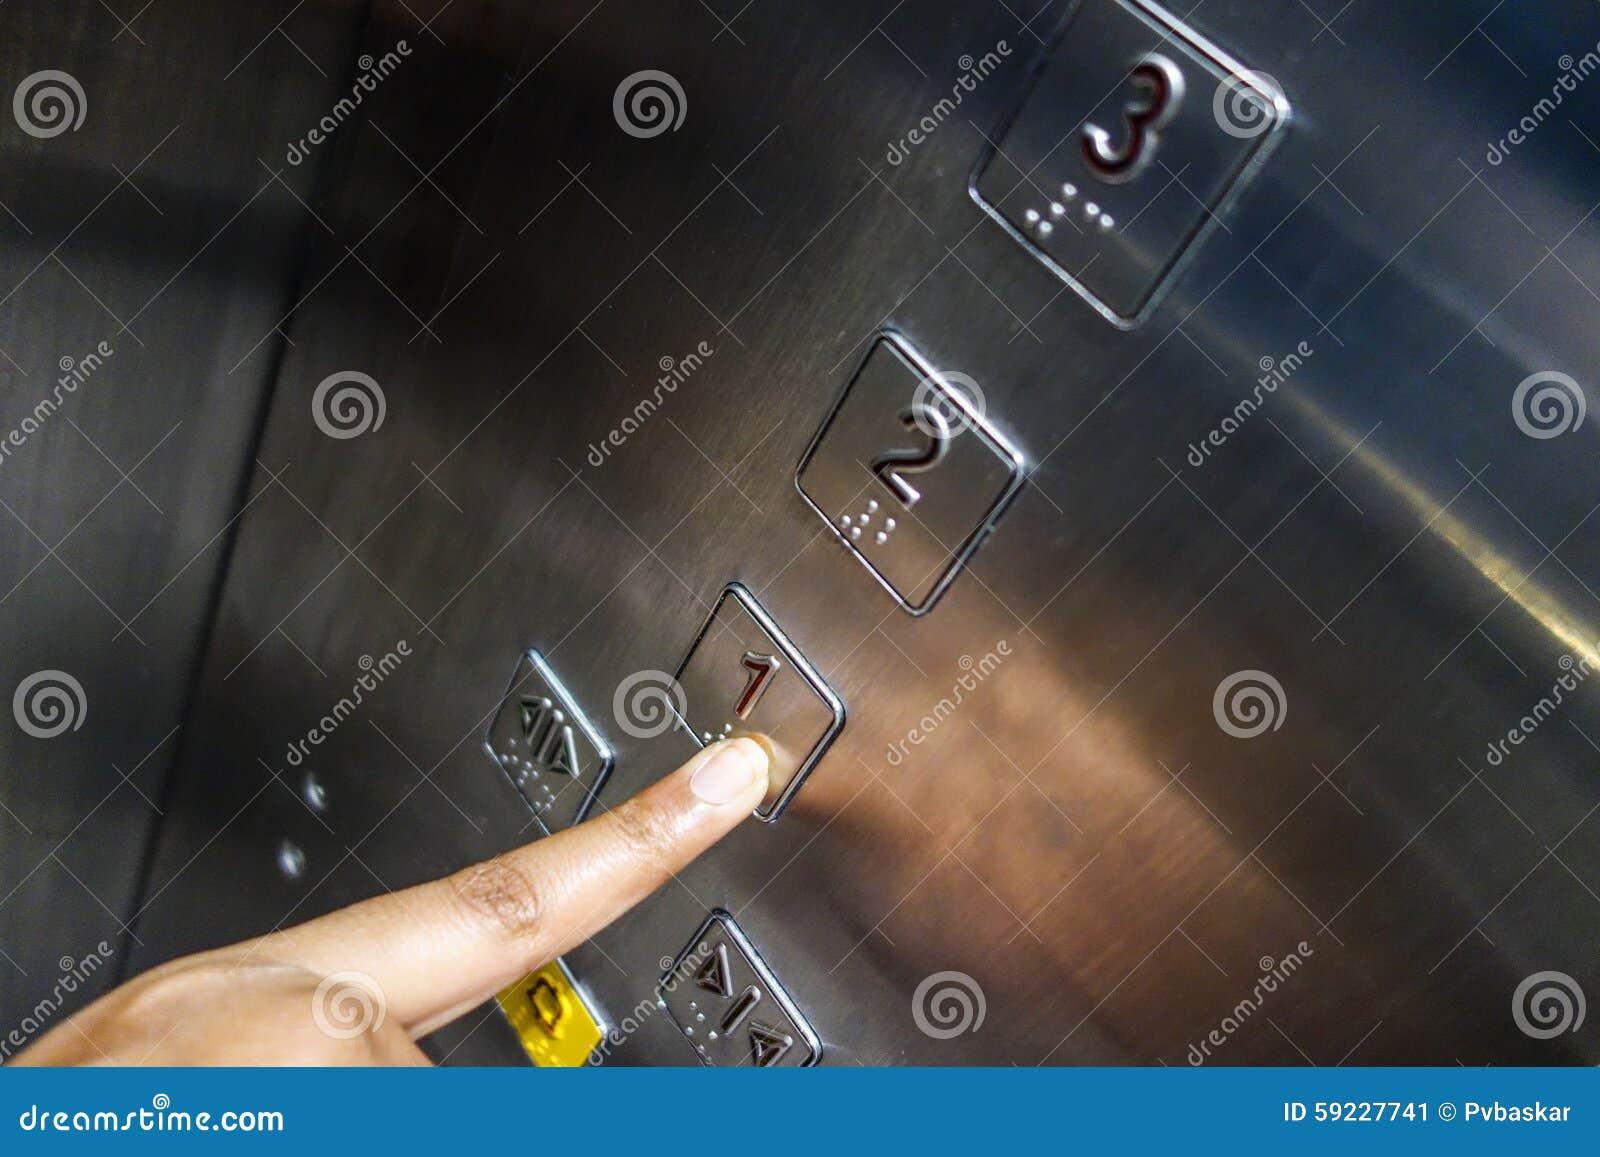 Elegir números de telclado numérico del elevador